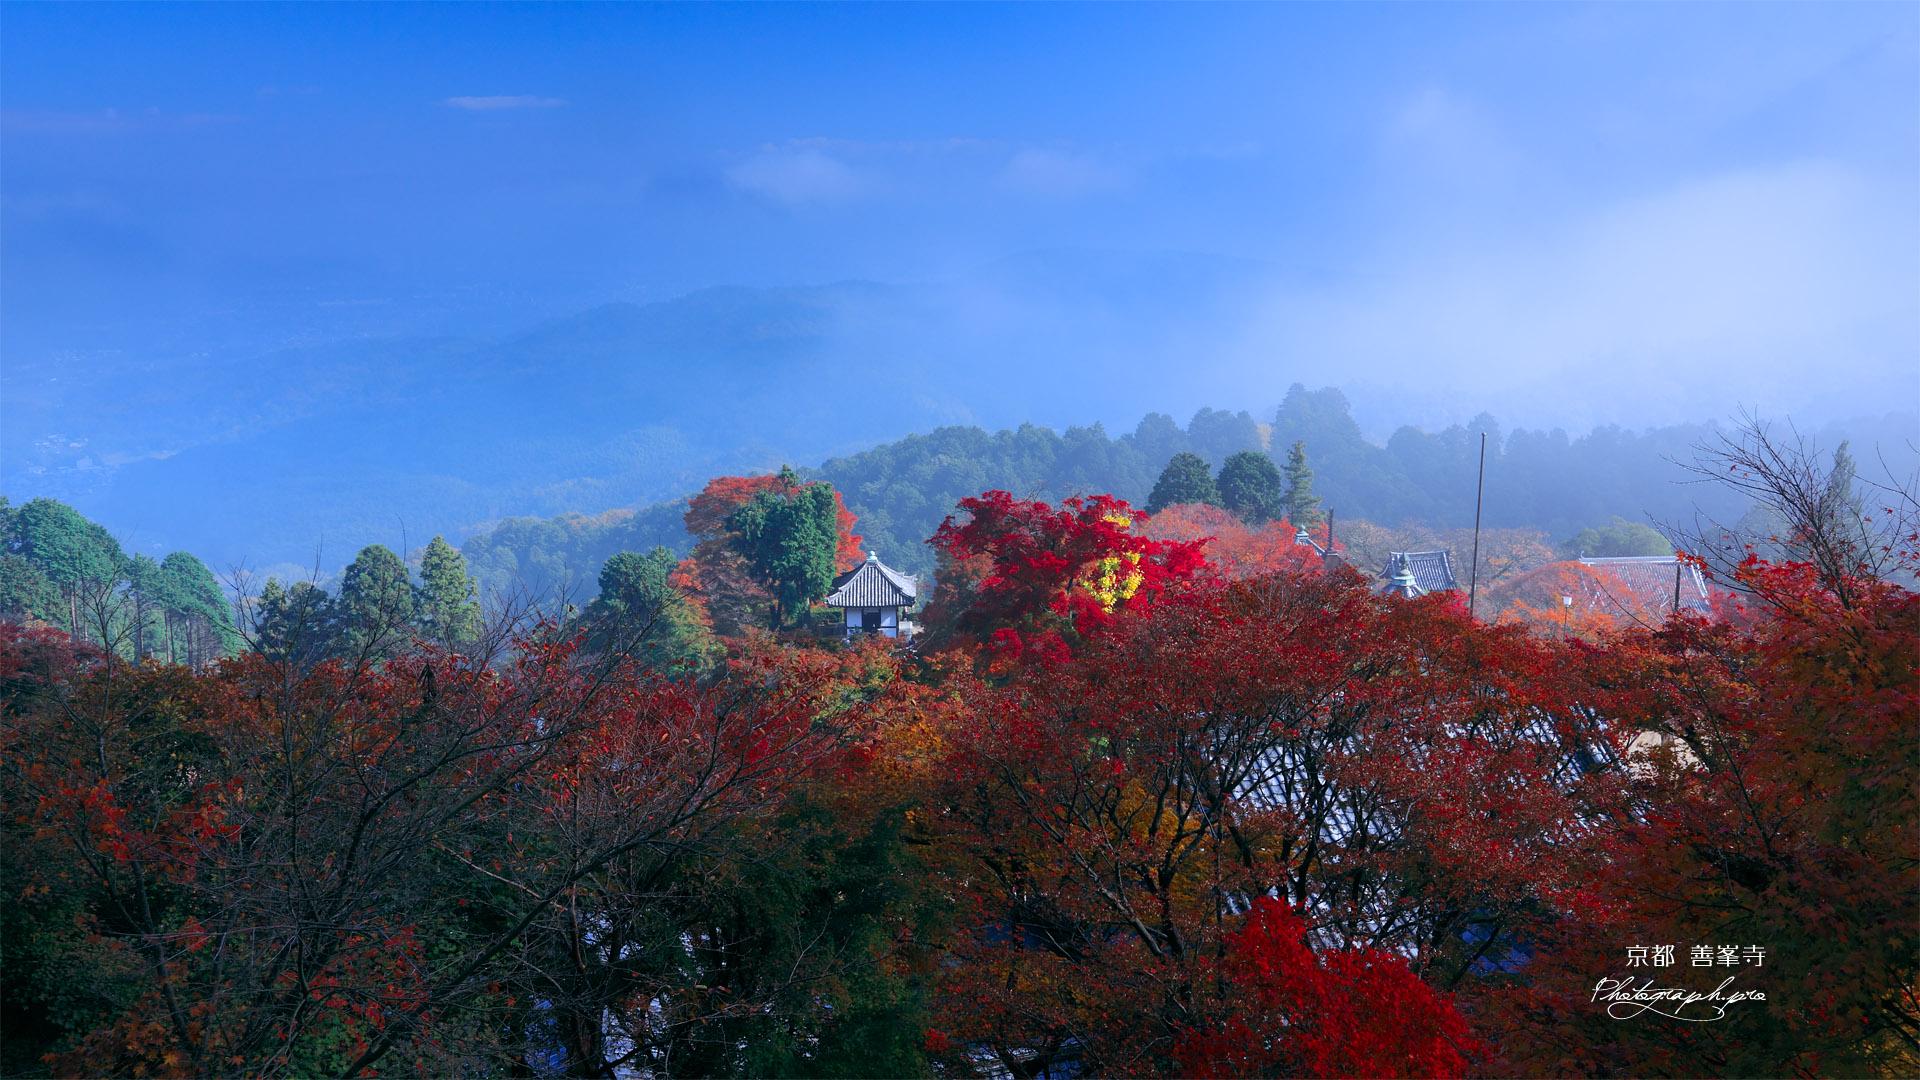 善峯寺の霧がとれて